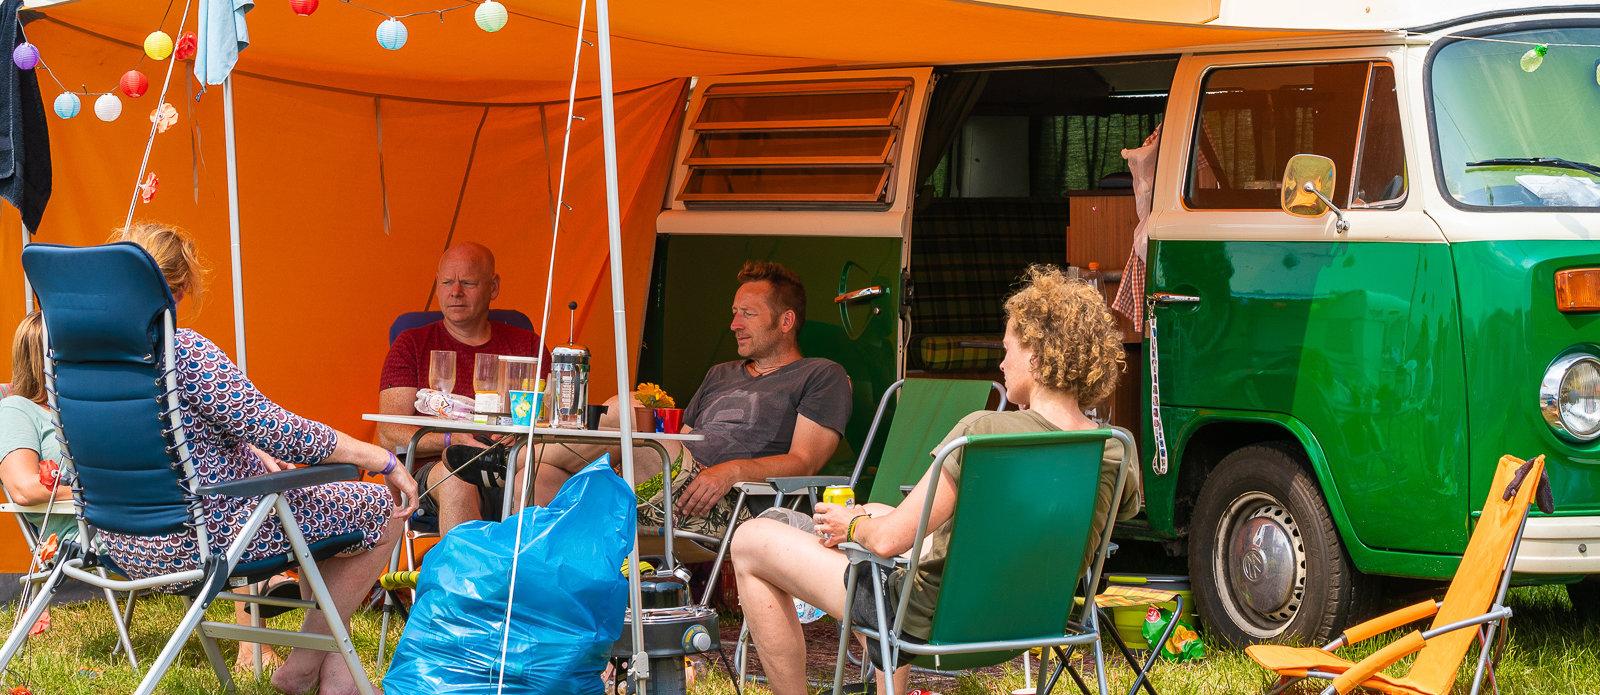 Campercamping plek